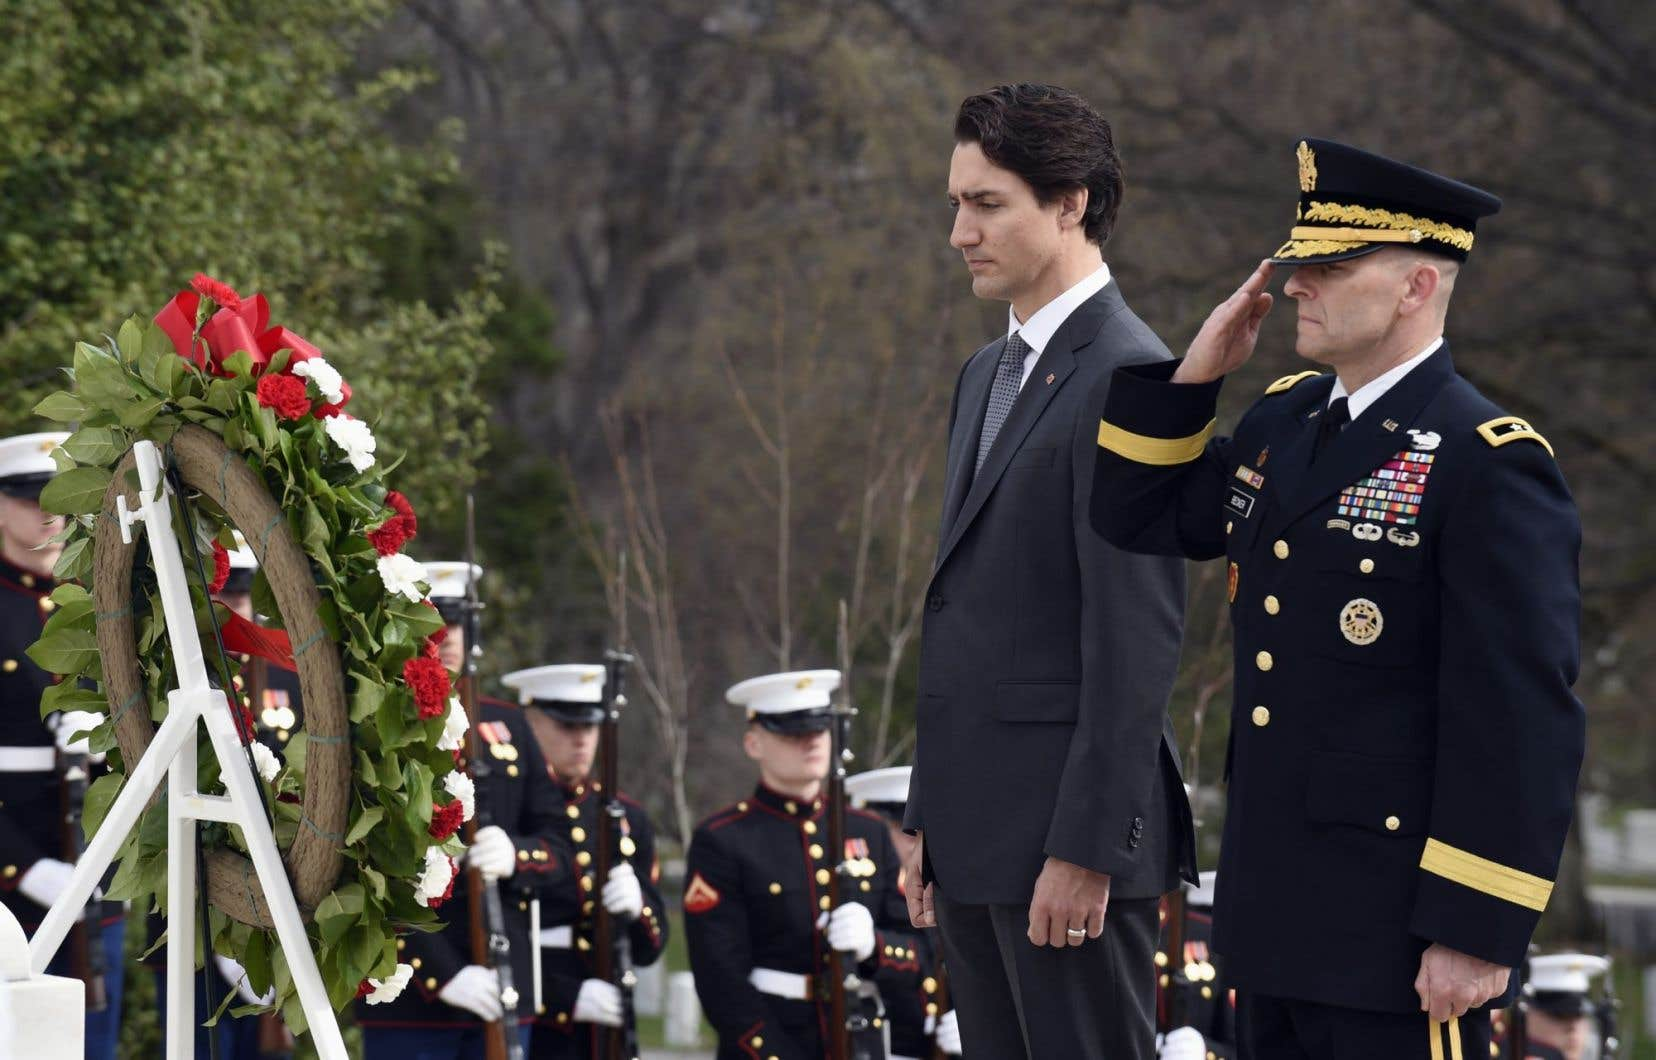 Au dernier jour de sa visite à Washington, Justin Trudeau s'est rendu au cimetière national d'Arlington vendredi pour déposer une couronne de fleurs sur la tombe du Soldat inconnu.